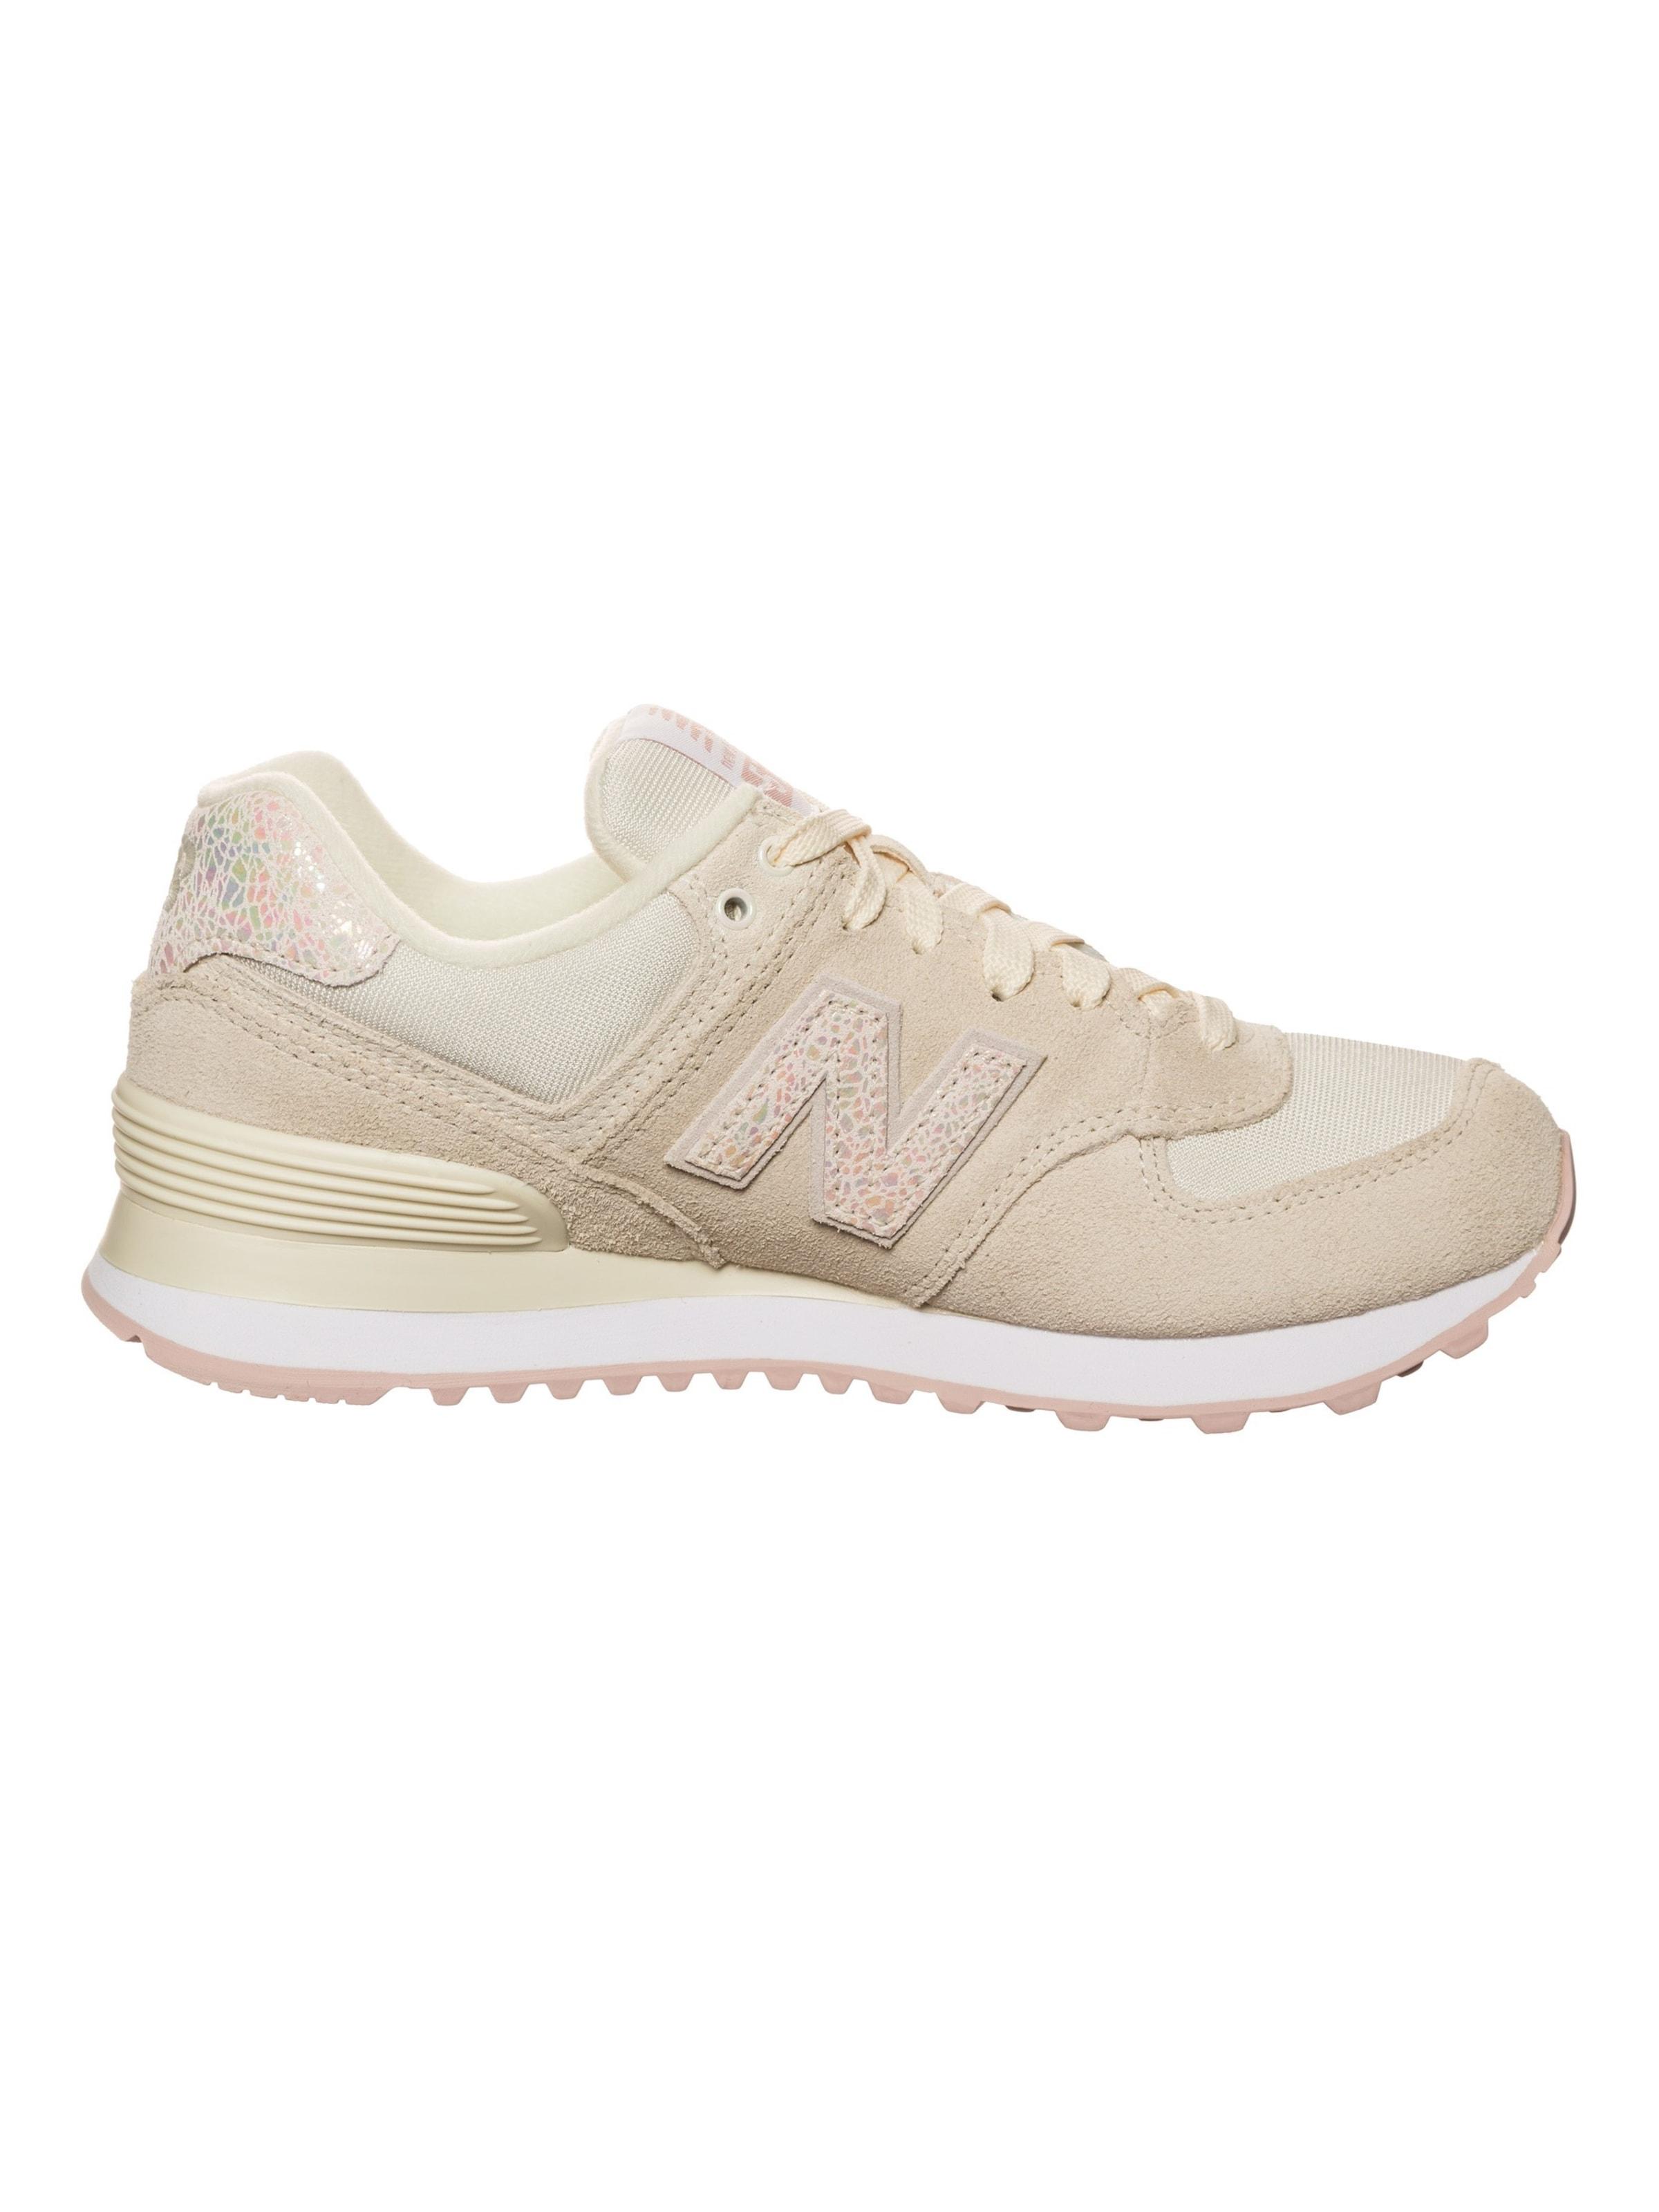 new balance Sneaker 'WL574 seasonal' Großer Verkauf Finden Große Online MHvy5H